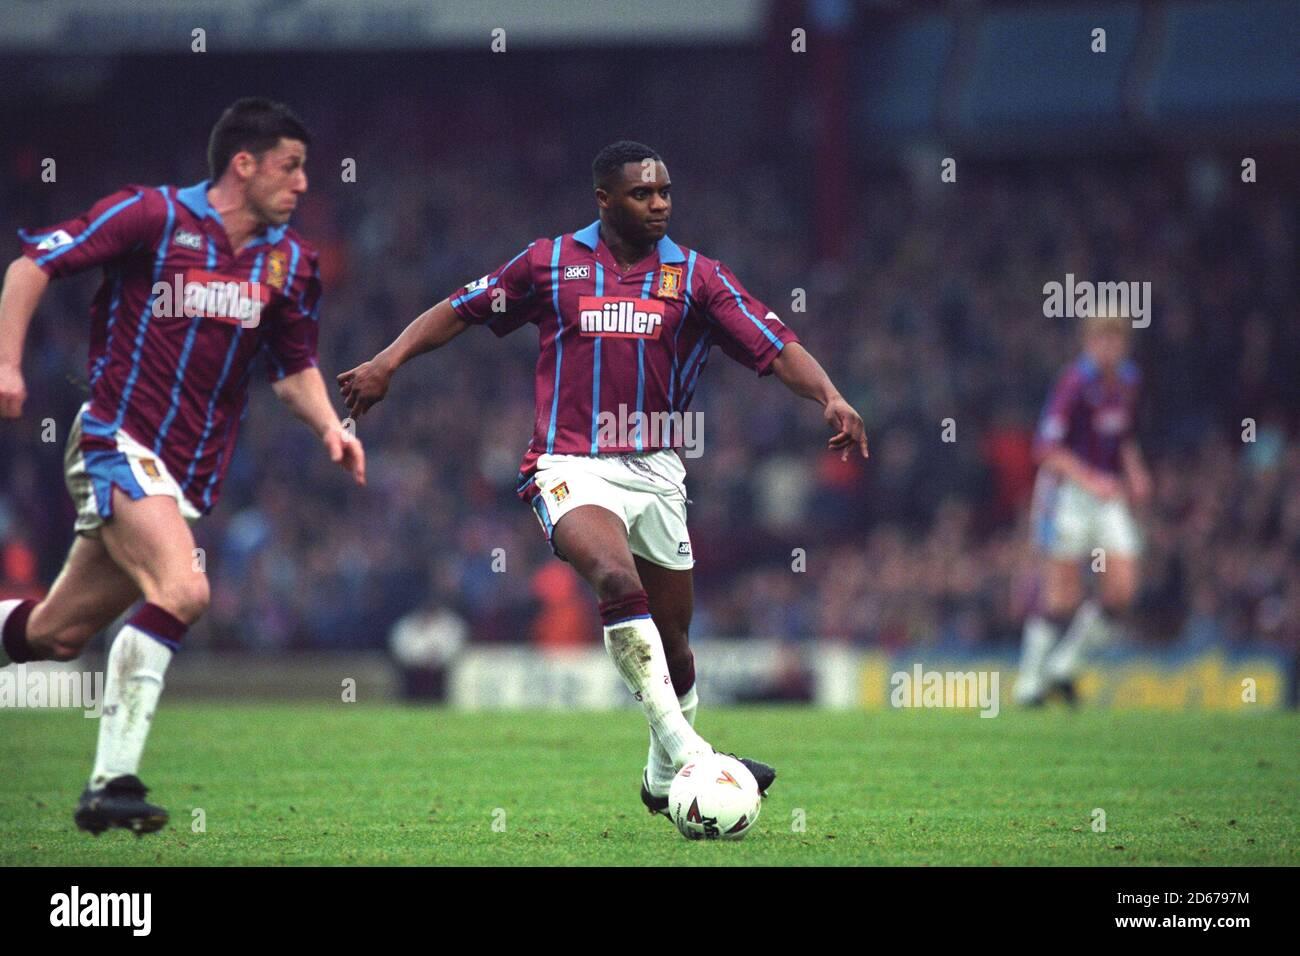 Dalian Atkinson, Aston Villa. Stock Photo